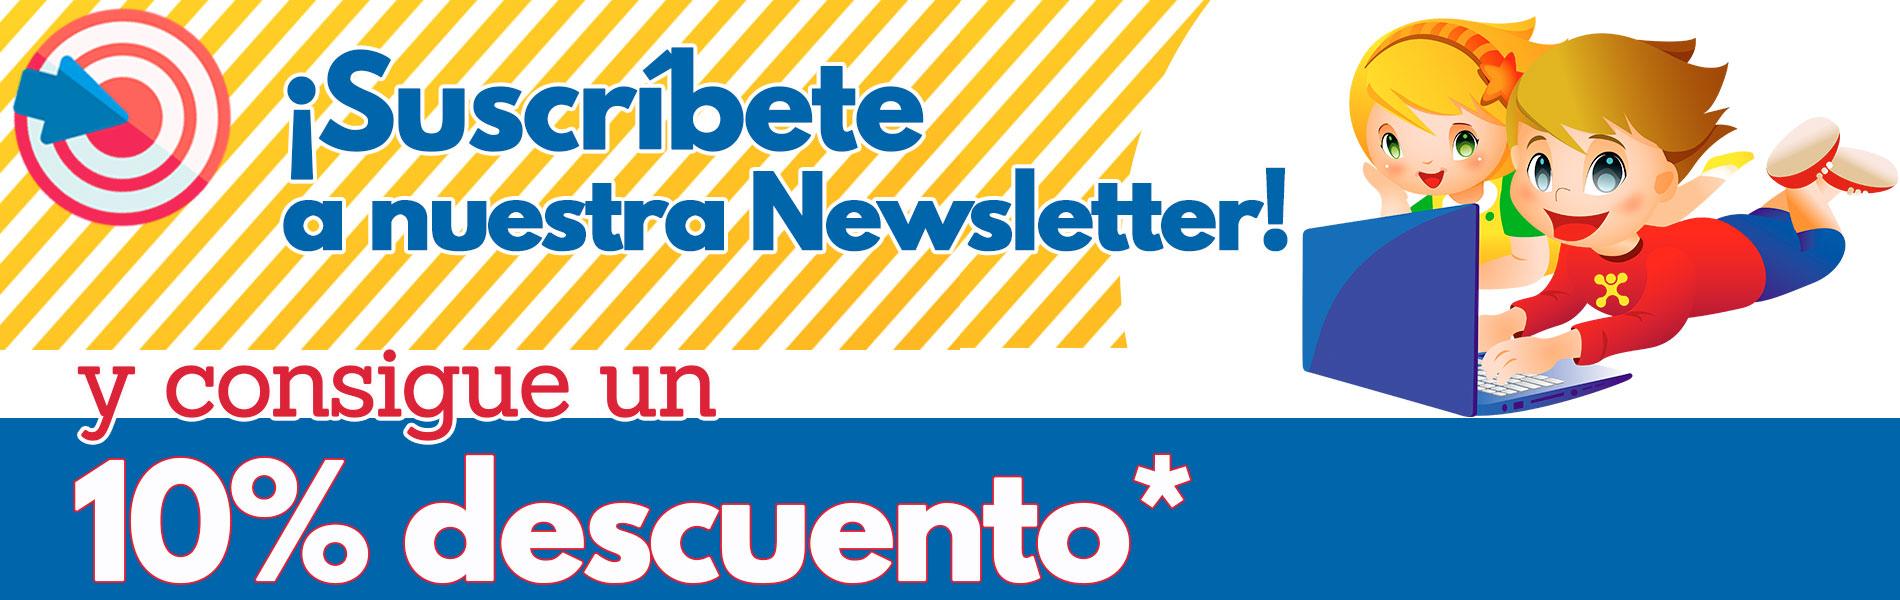 campaña newsletter